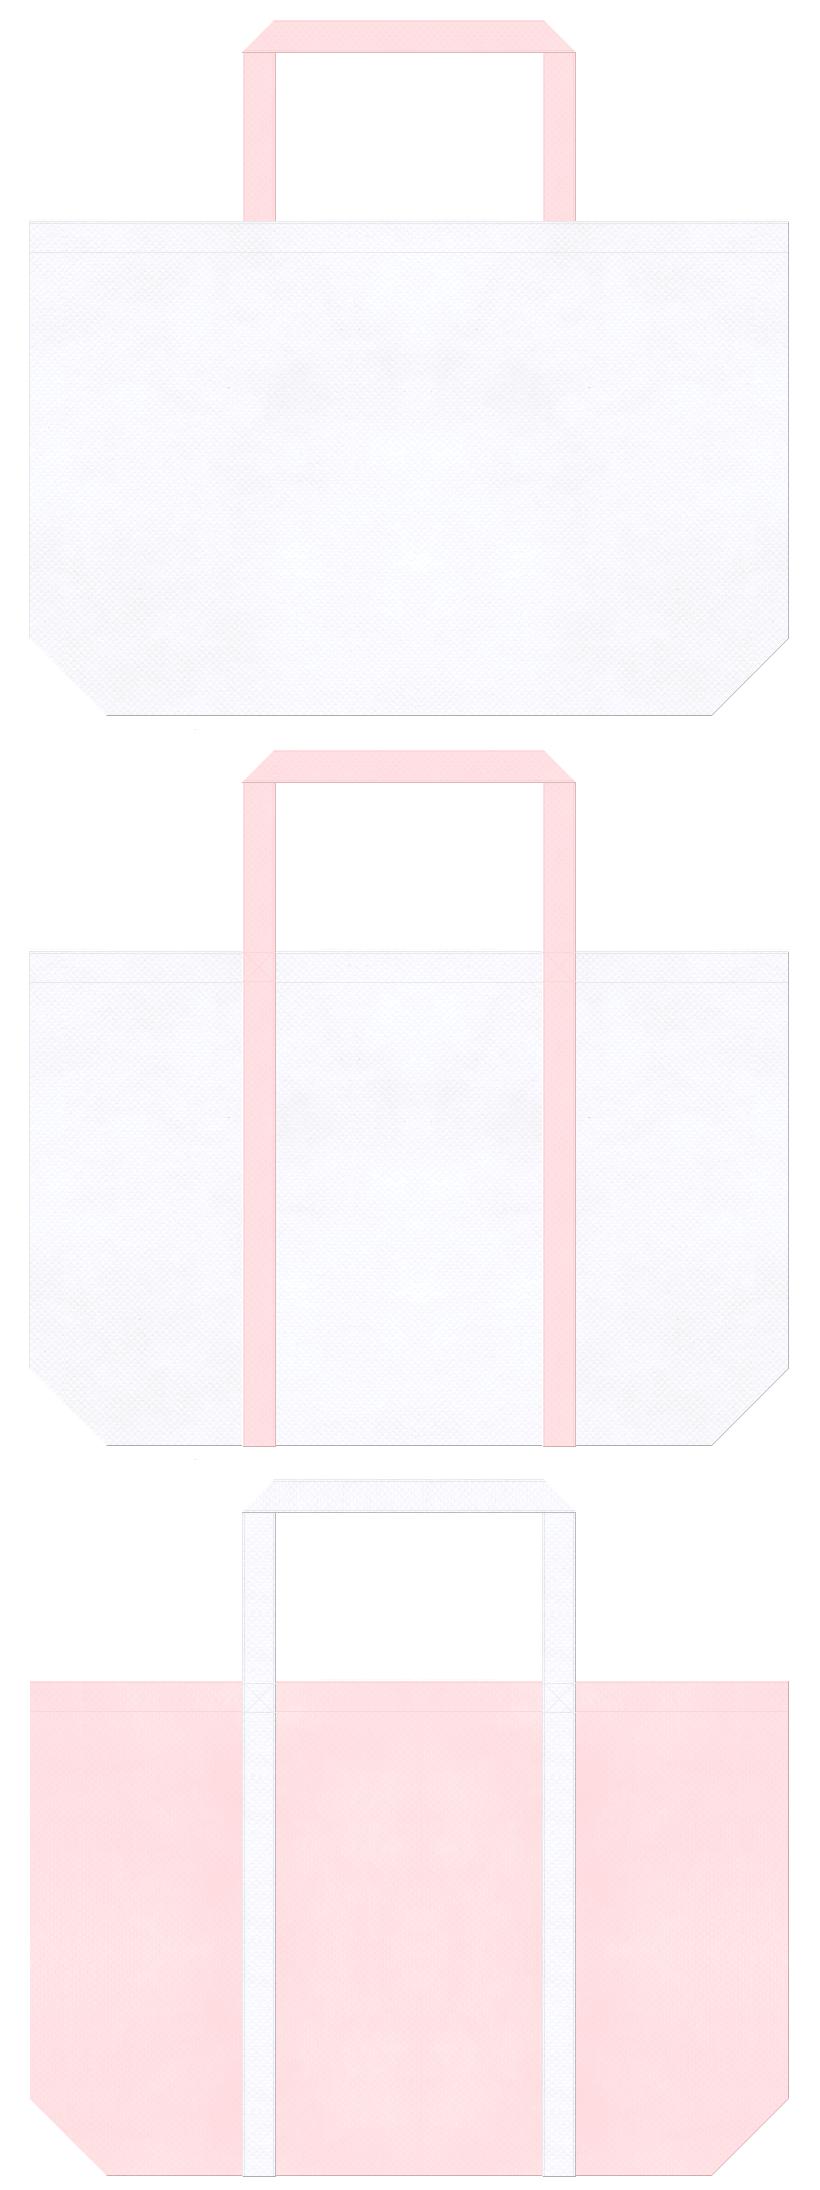 白色と桜色の不織布ショッピングバッグデザイン